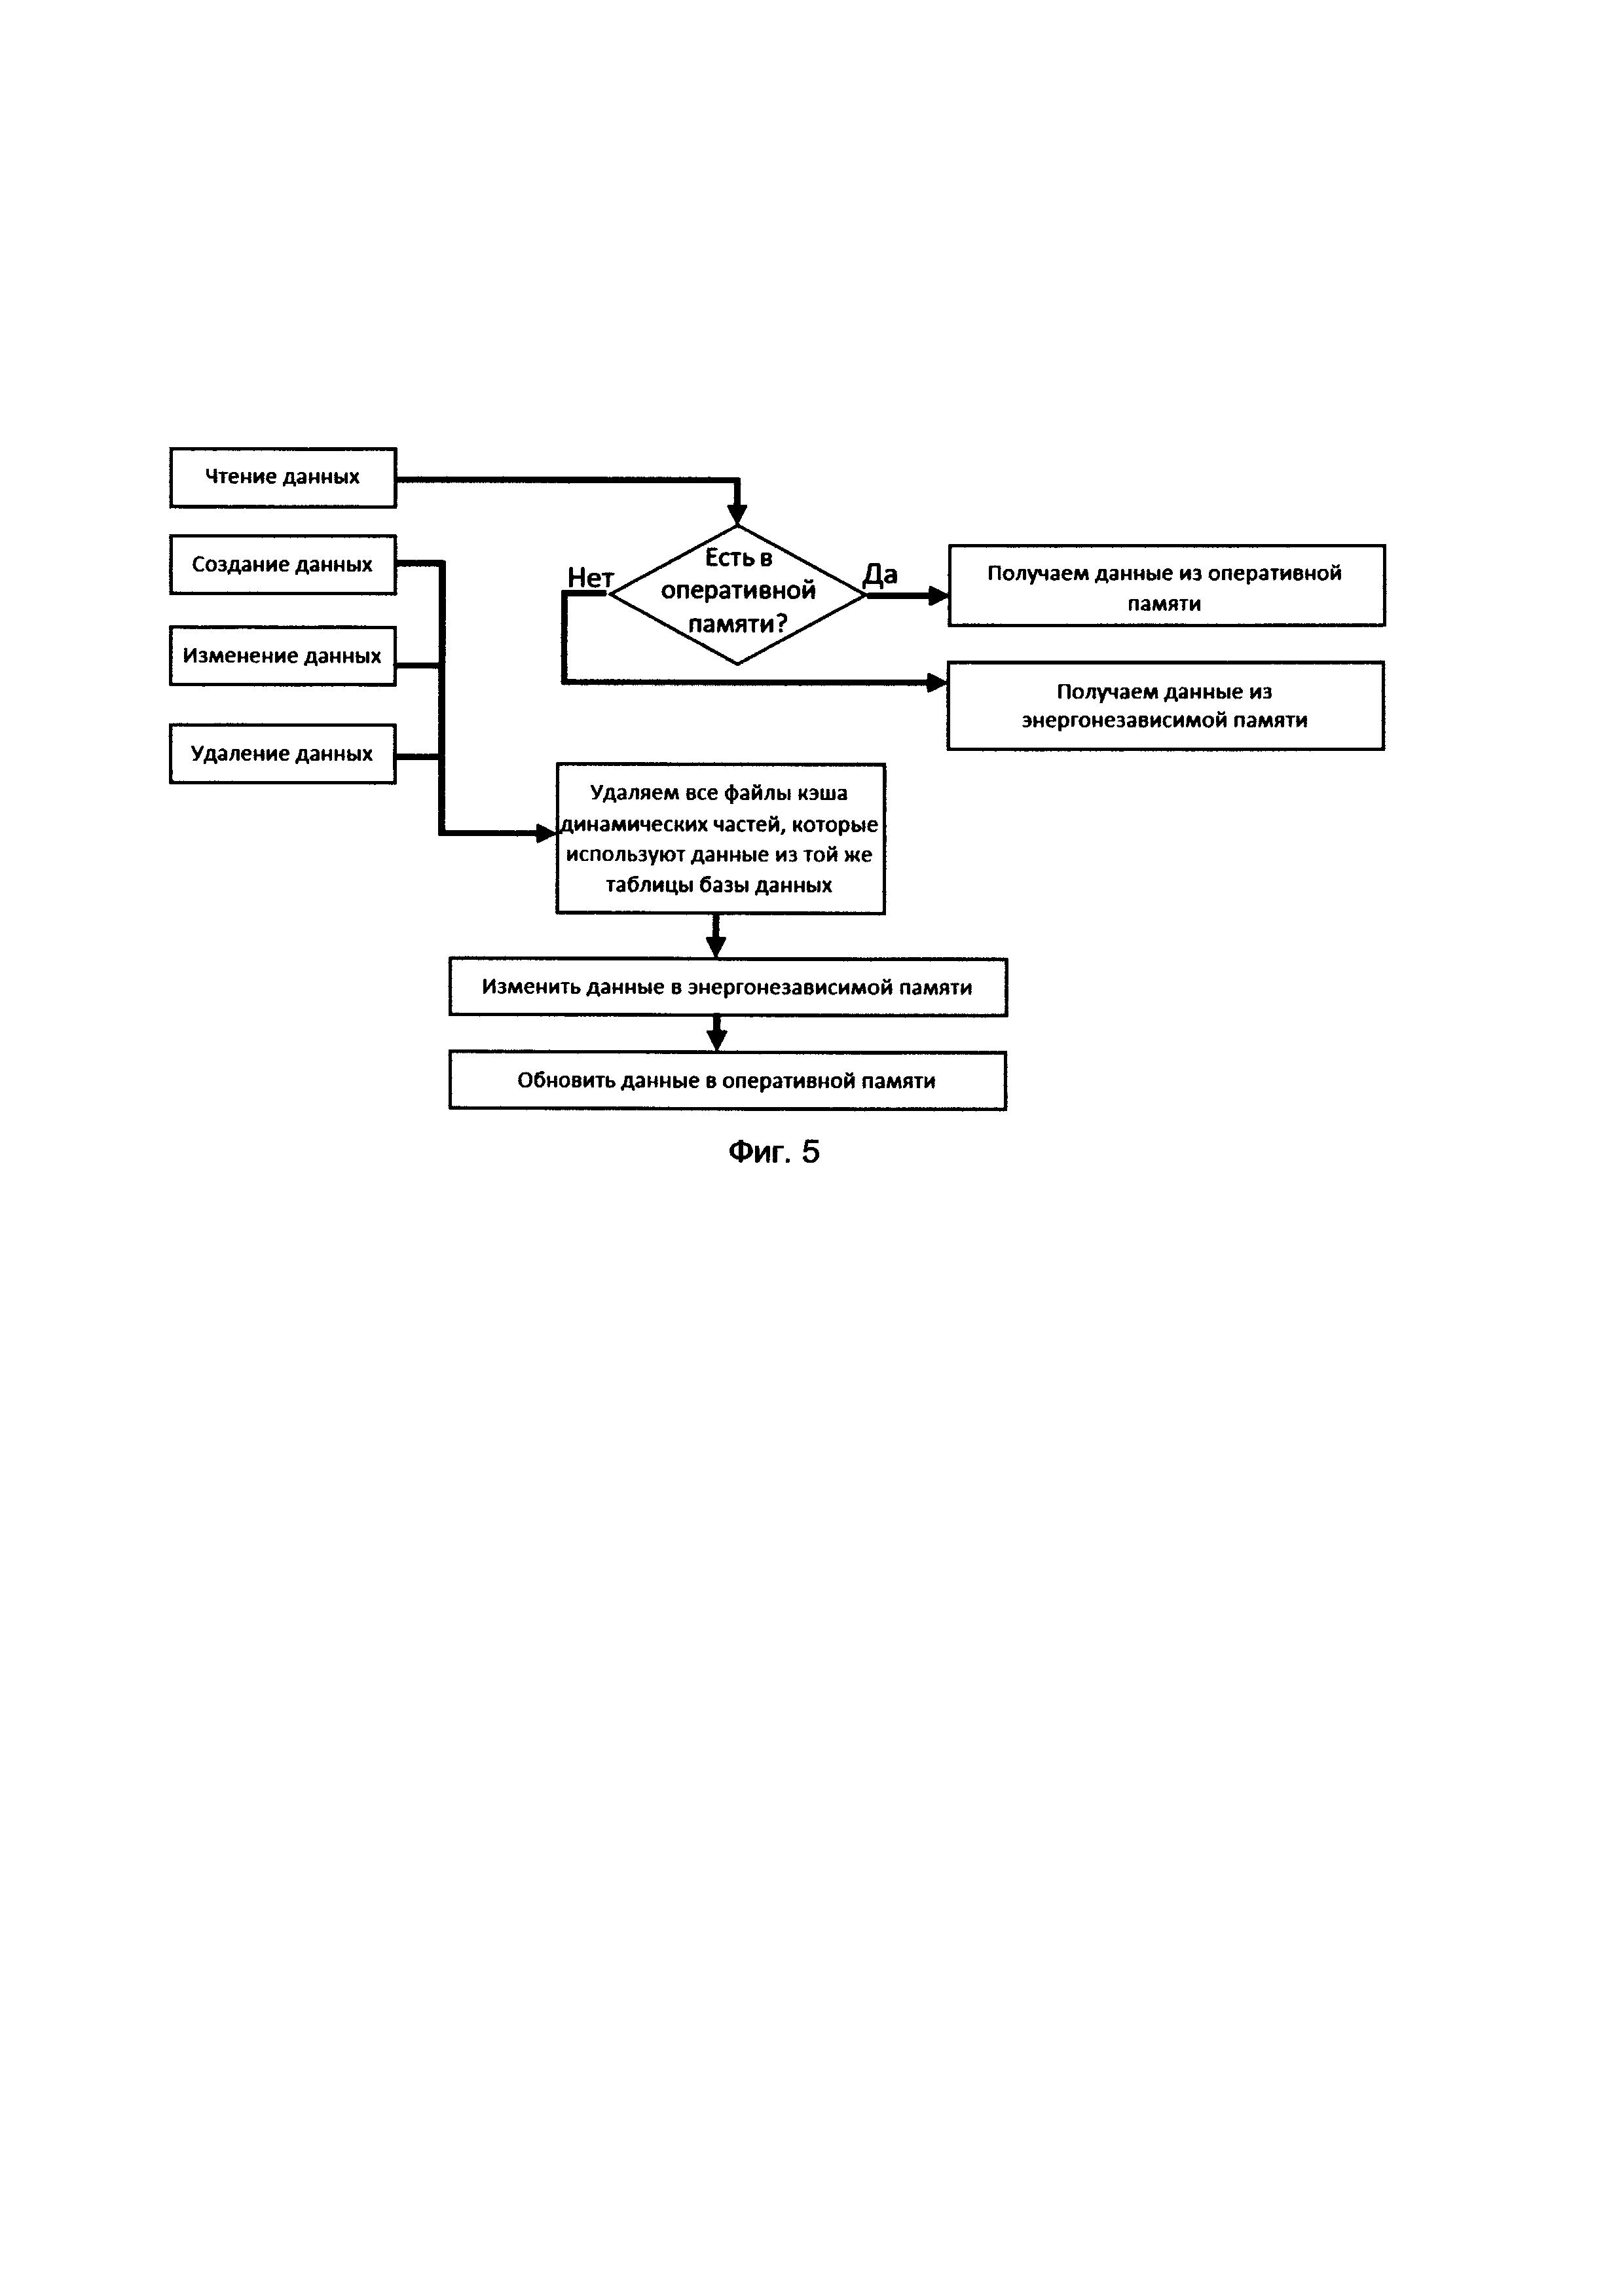 Способ управления данными веб-сайта